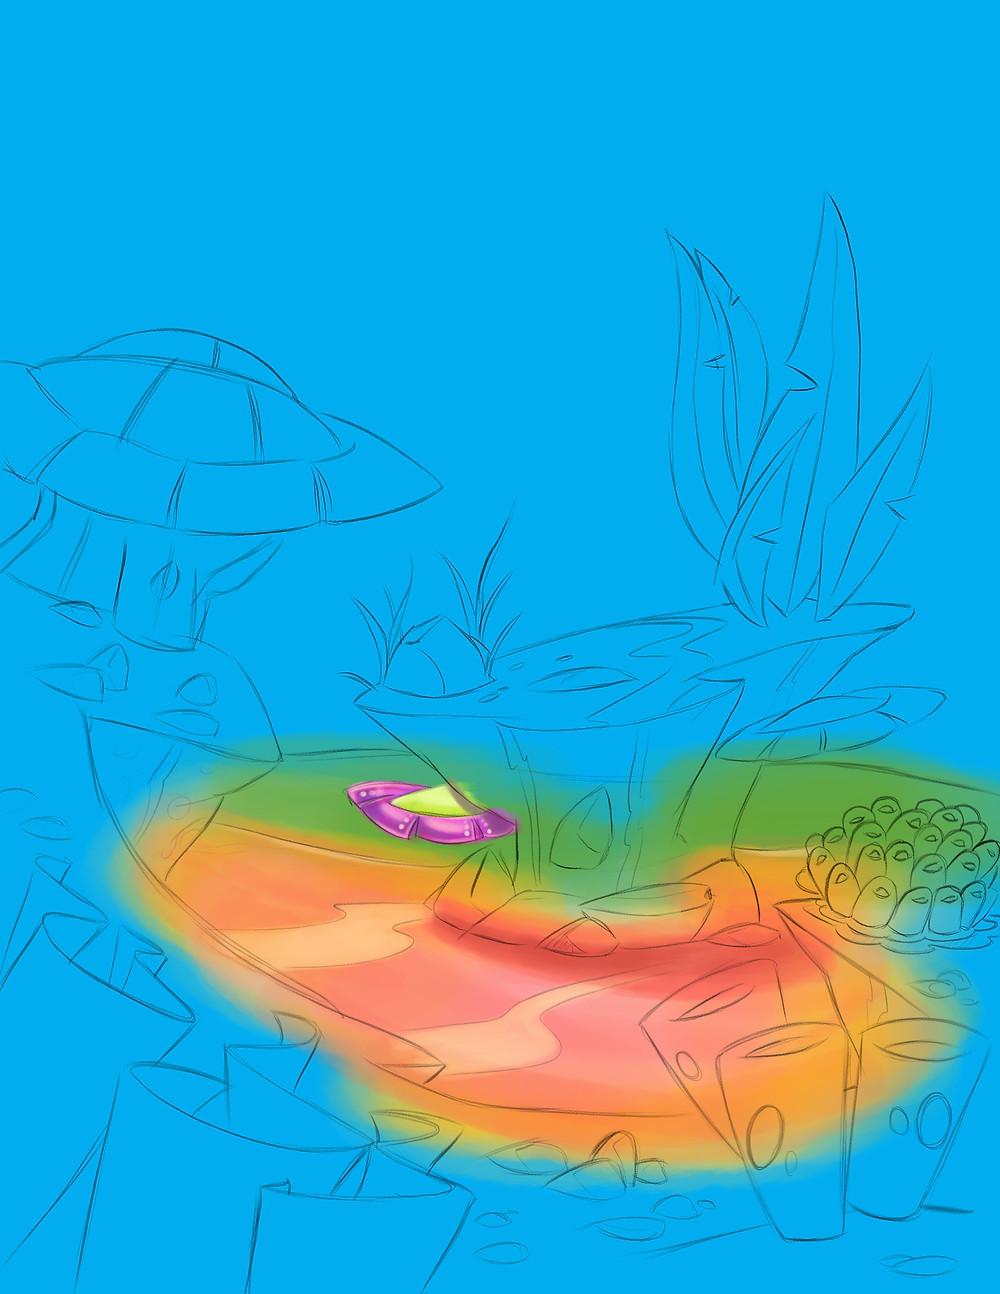 Background art for FriendFish